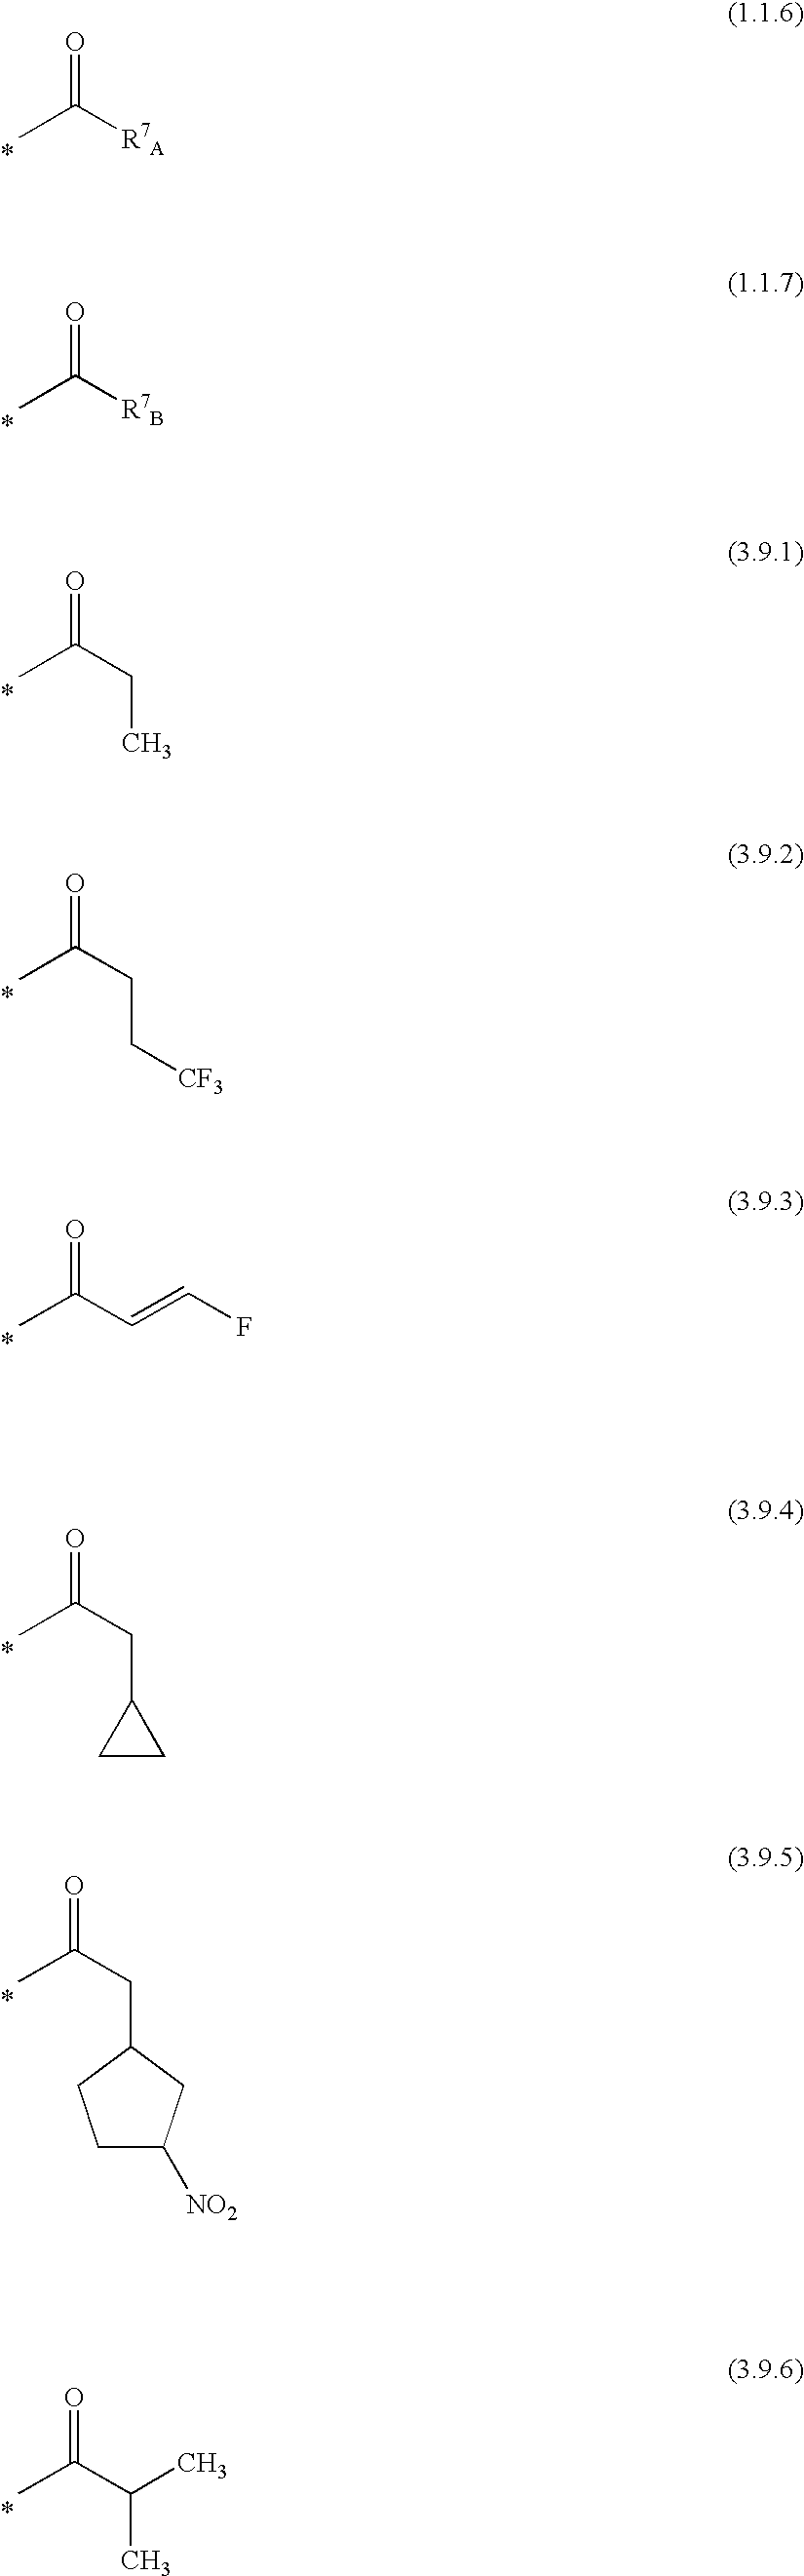 Figure US20030186974A1-20031002-C00181